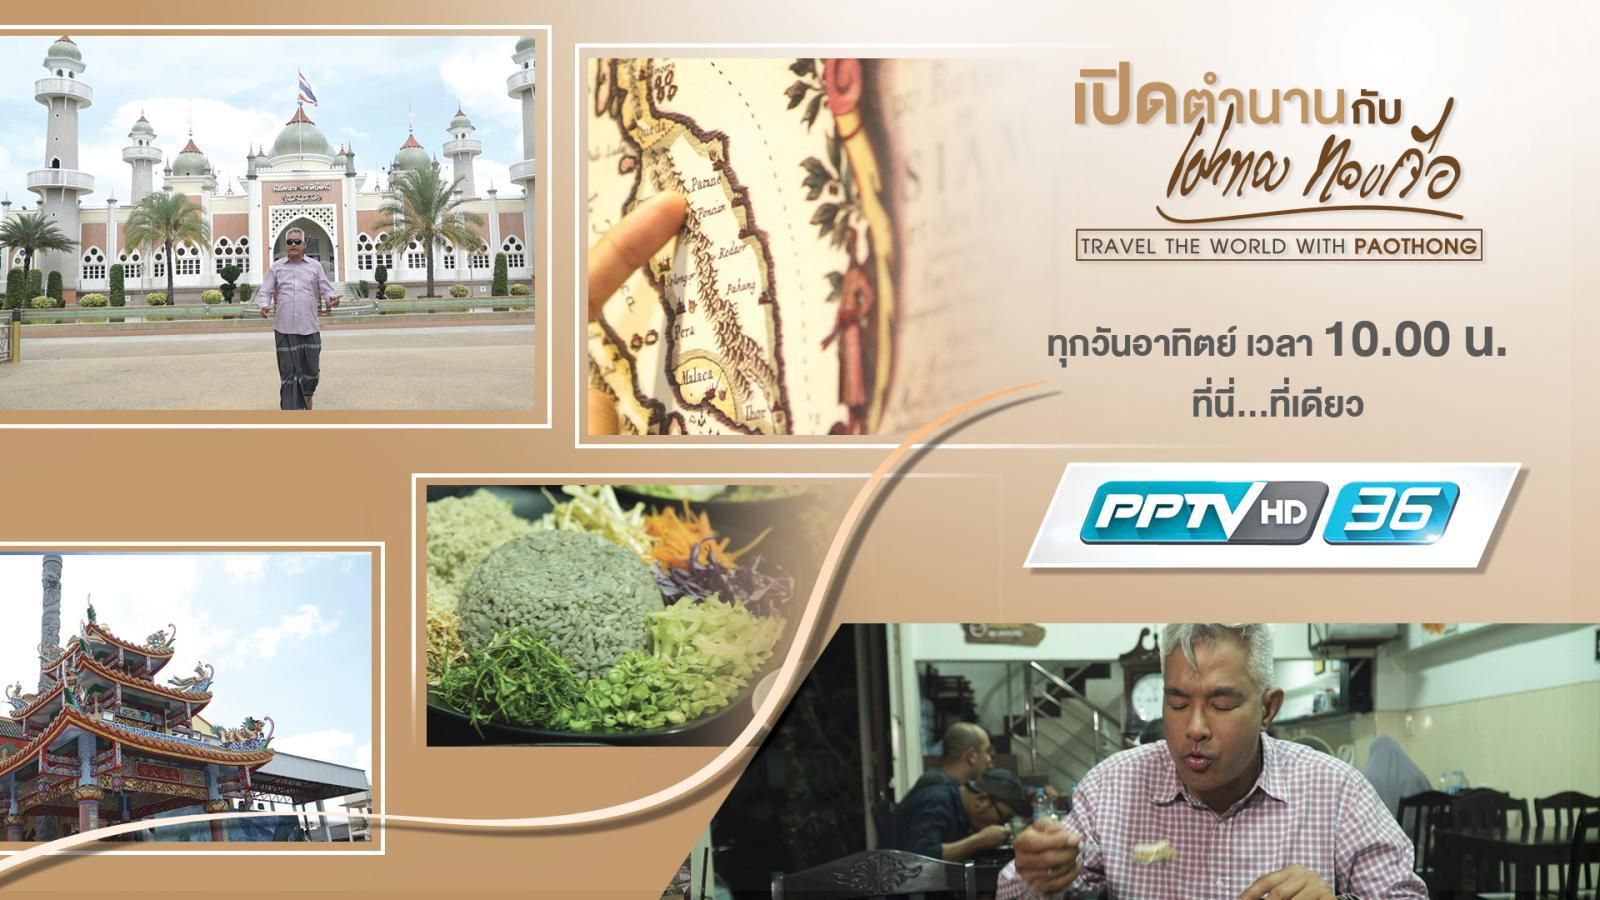 จังหวัดปัตตานี ประเทศไทย